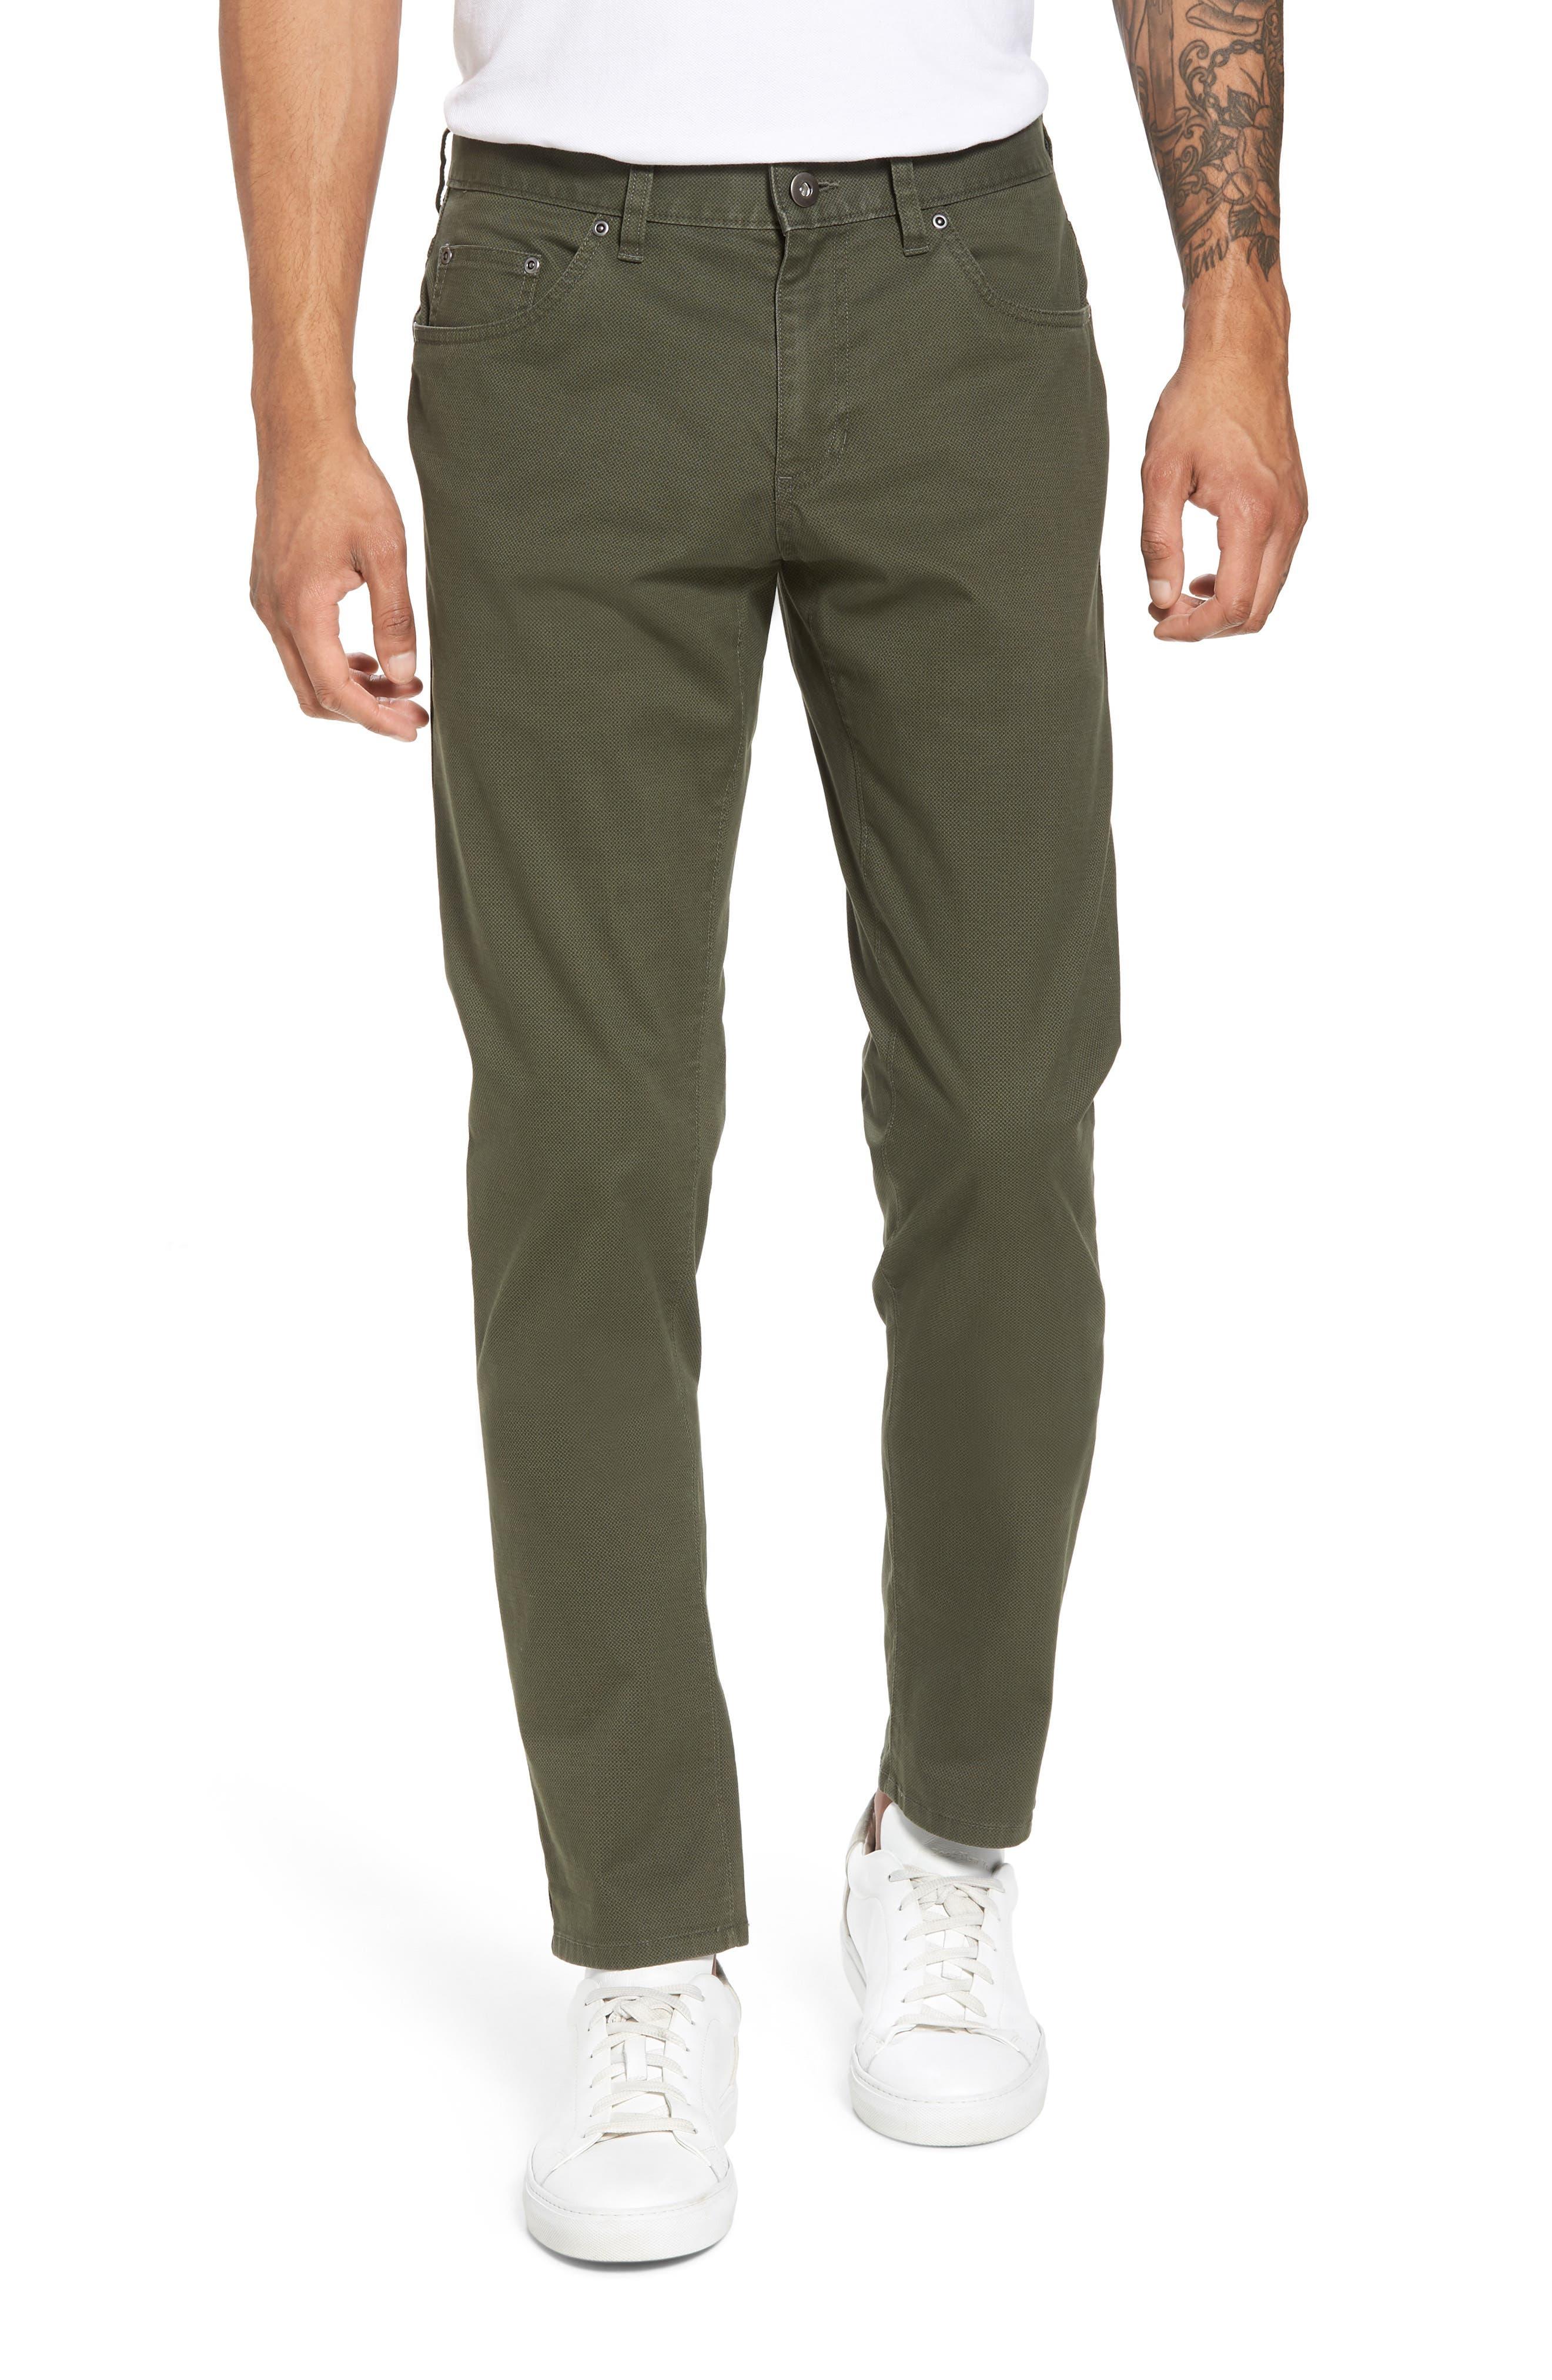 Nordstrom Men's Shop Textured Stretch Cotton Pants